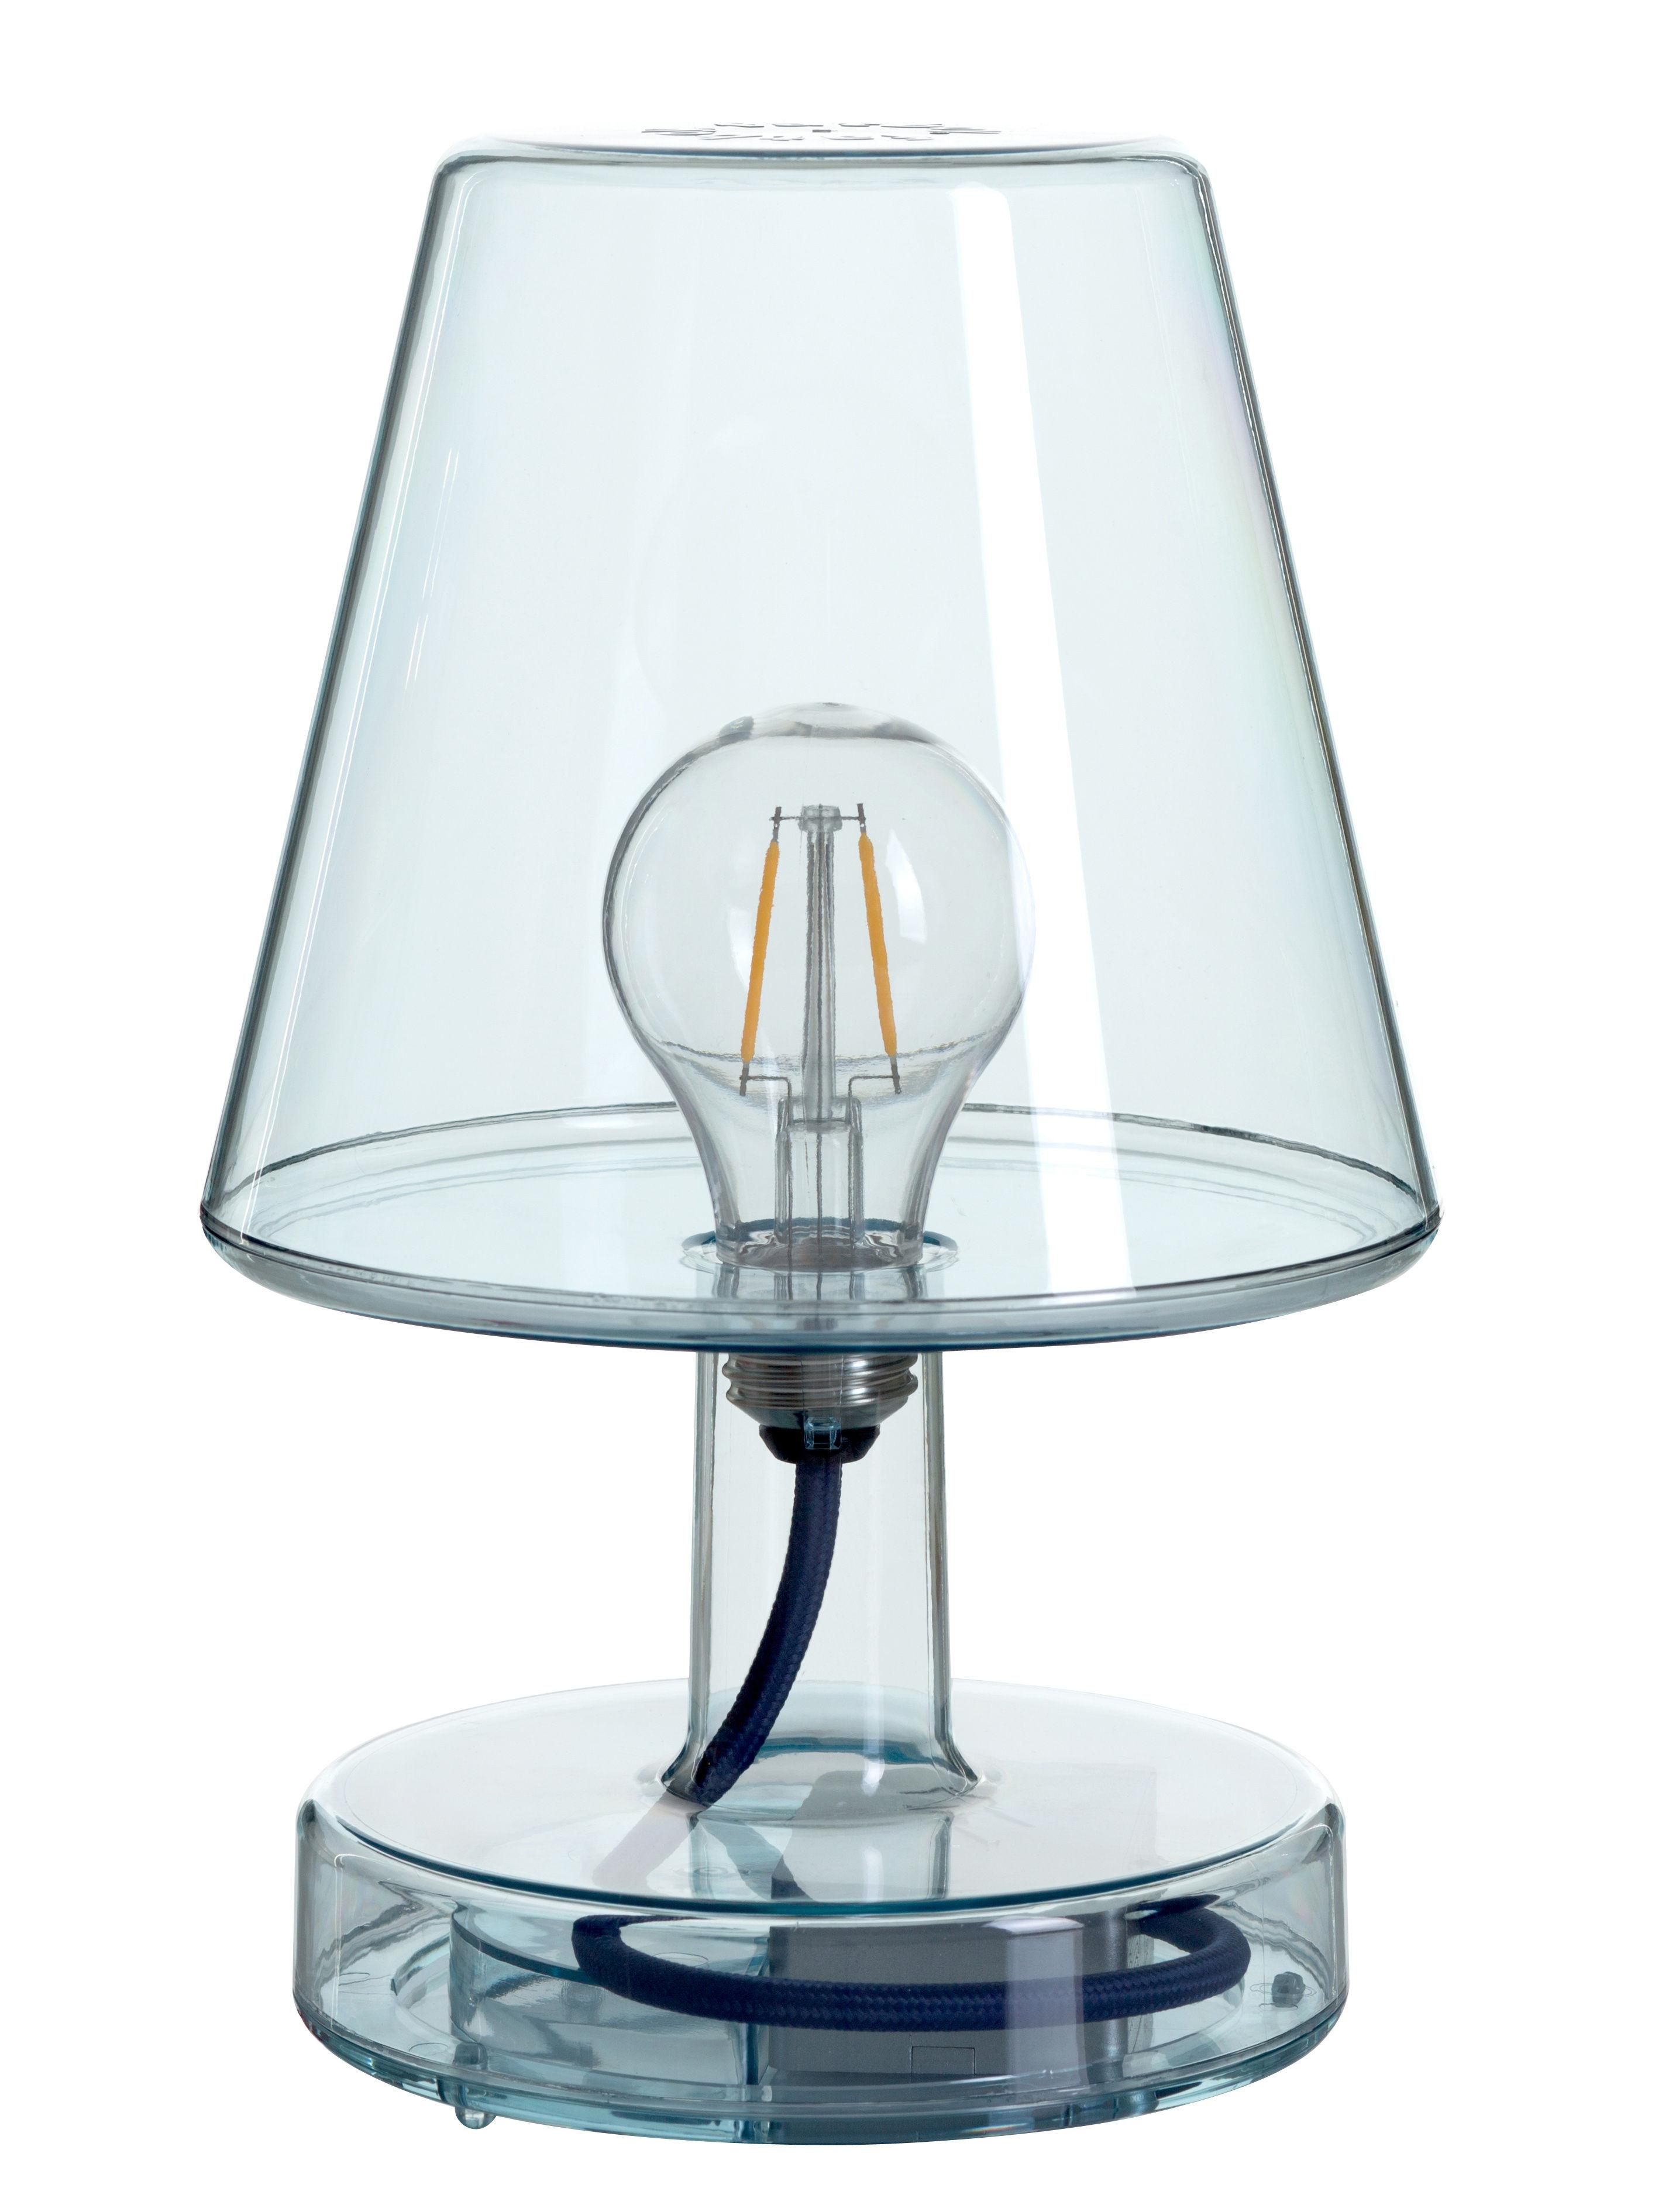 Luminaire - Lampes de table - Lampe sans fil Transloetje / LED - Ø 16 x H 25 cm - Fatboy - Bleu - Polycarbonate